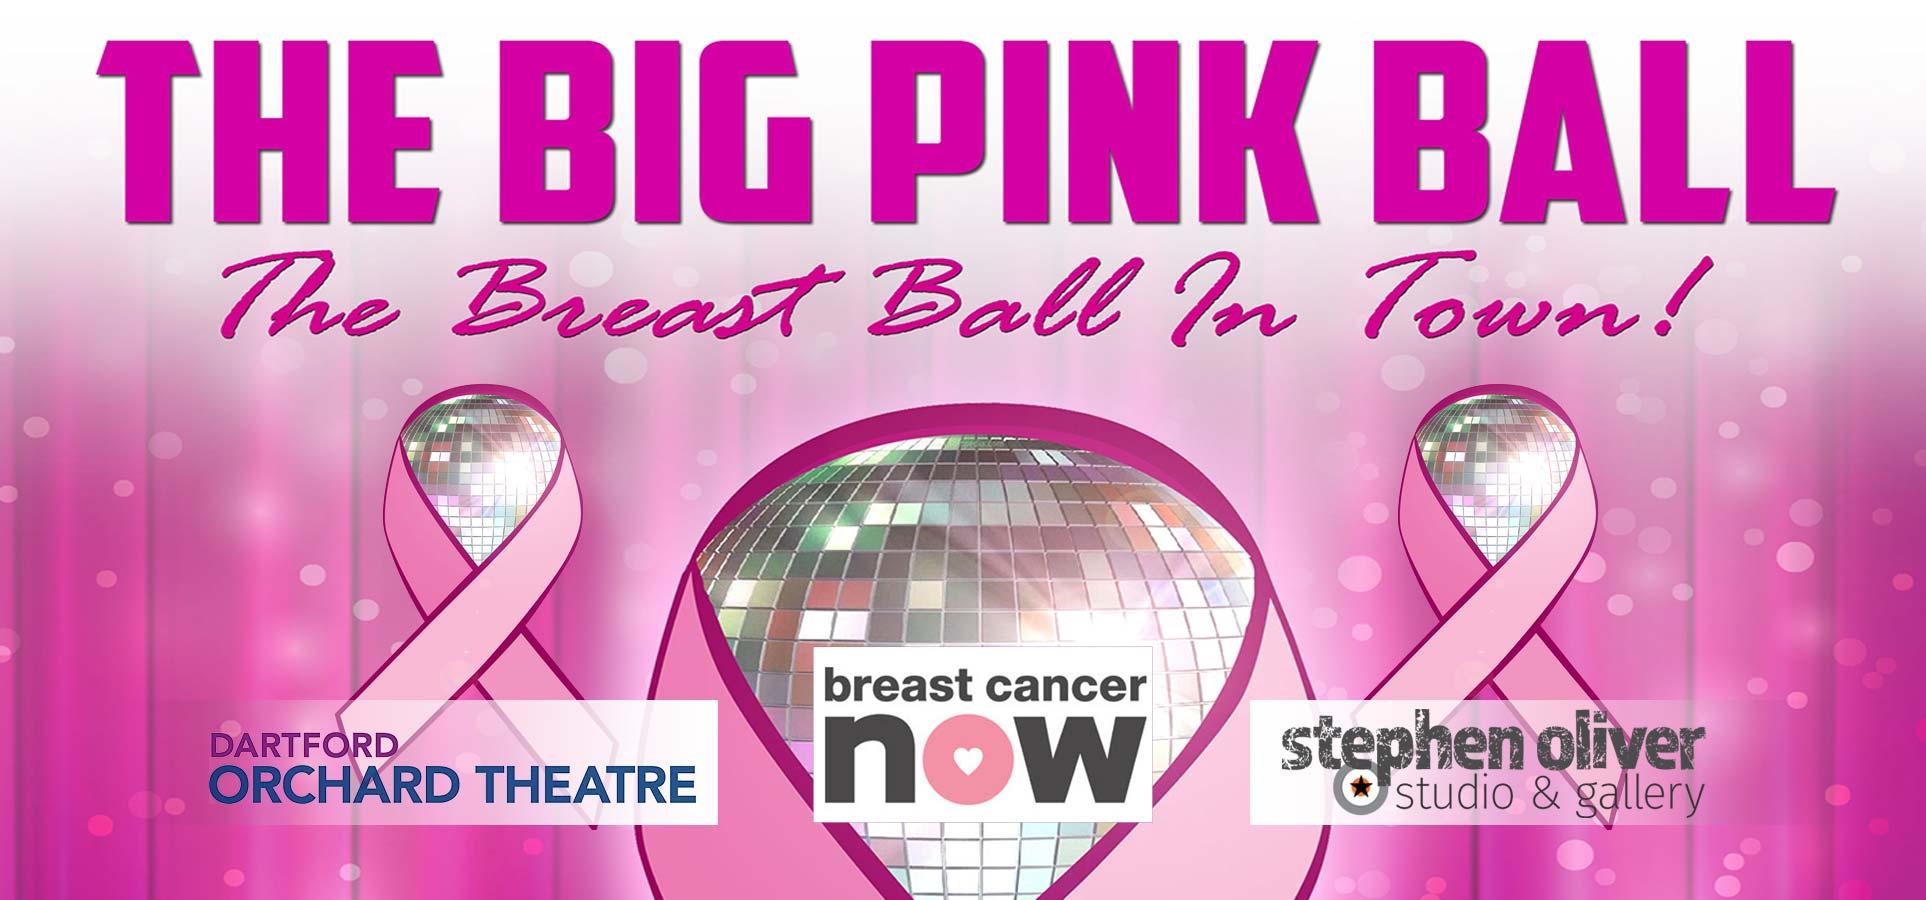 The Big Pink Ball